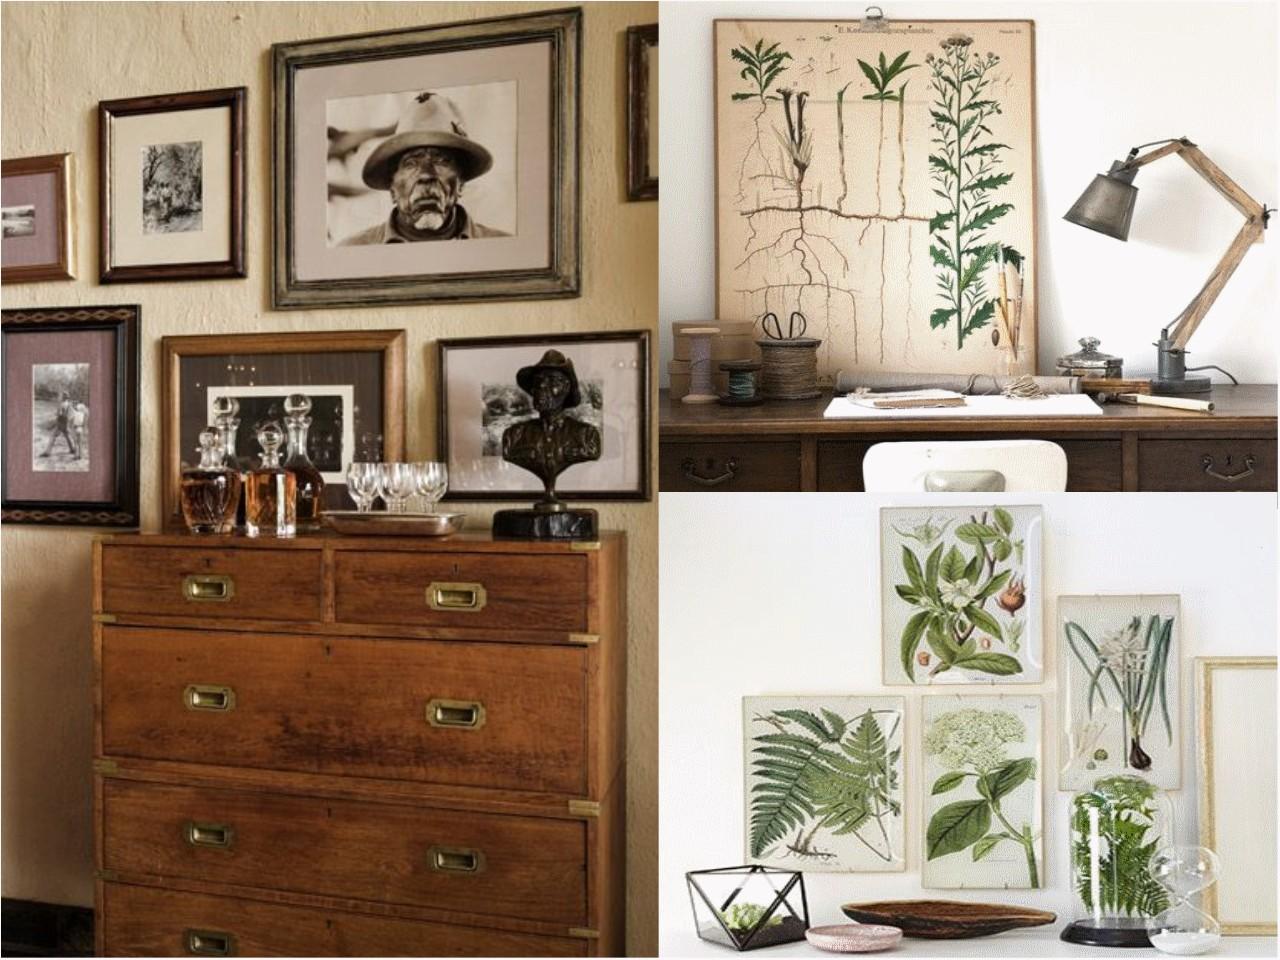 Consigue un dormitorio de estilo colonial en 7 pasos - Dormitorios con estilo ...